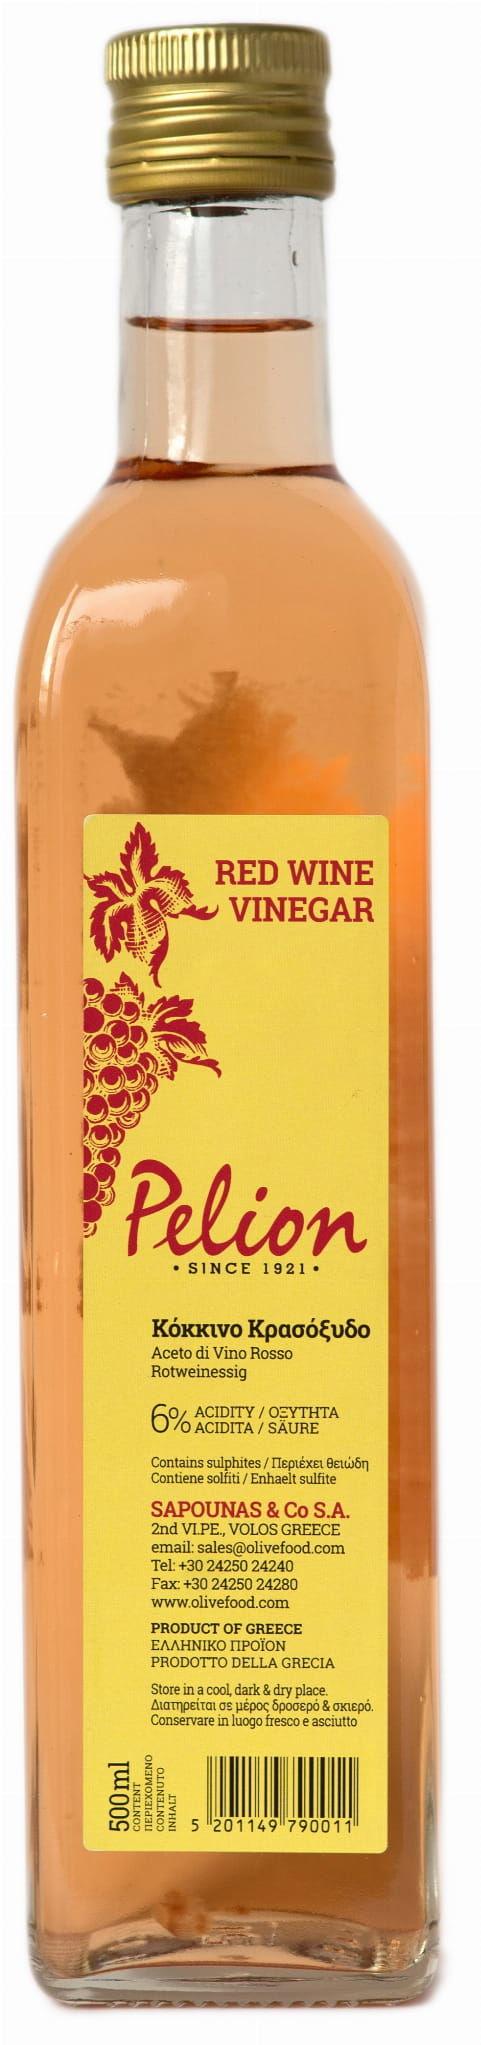 Grecki Ocet Winny Czerwony 500ml - Pelion